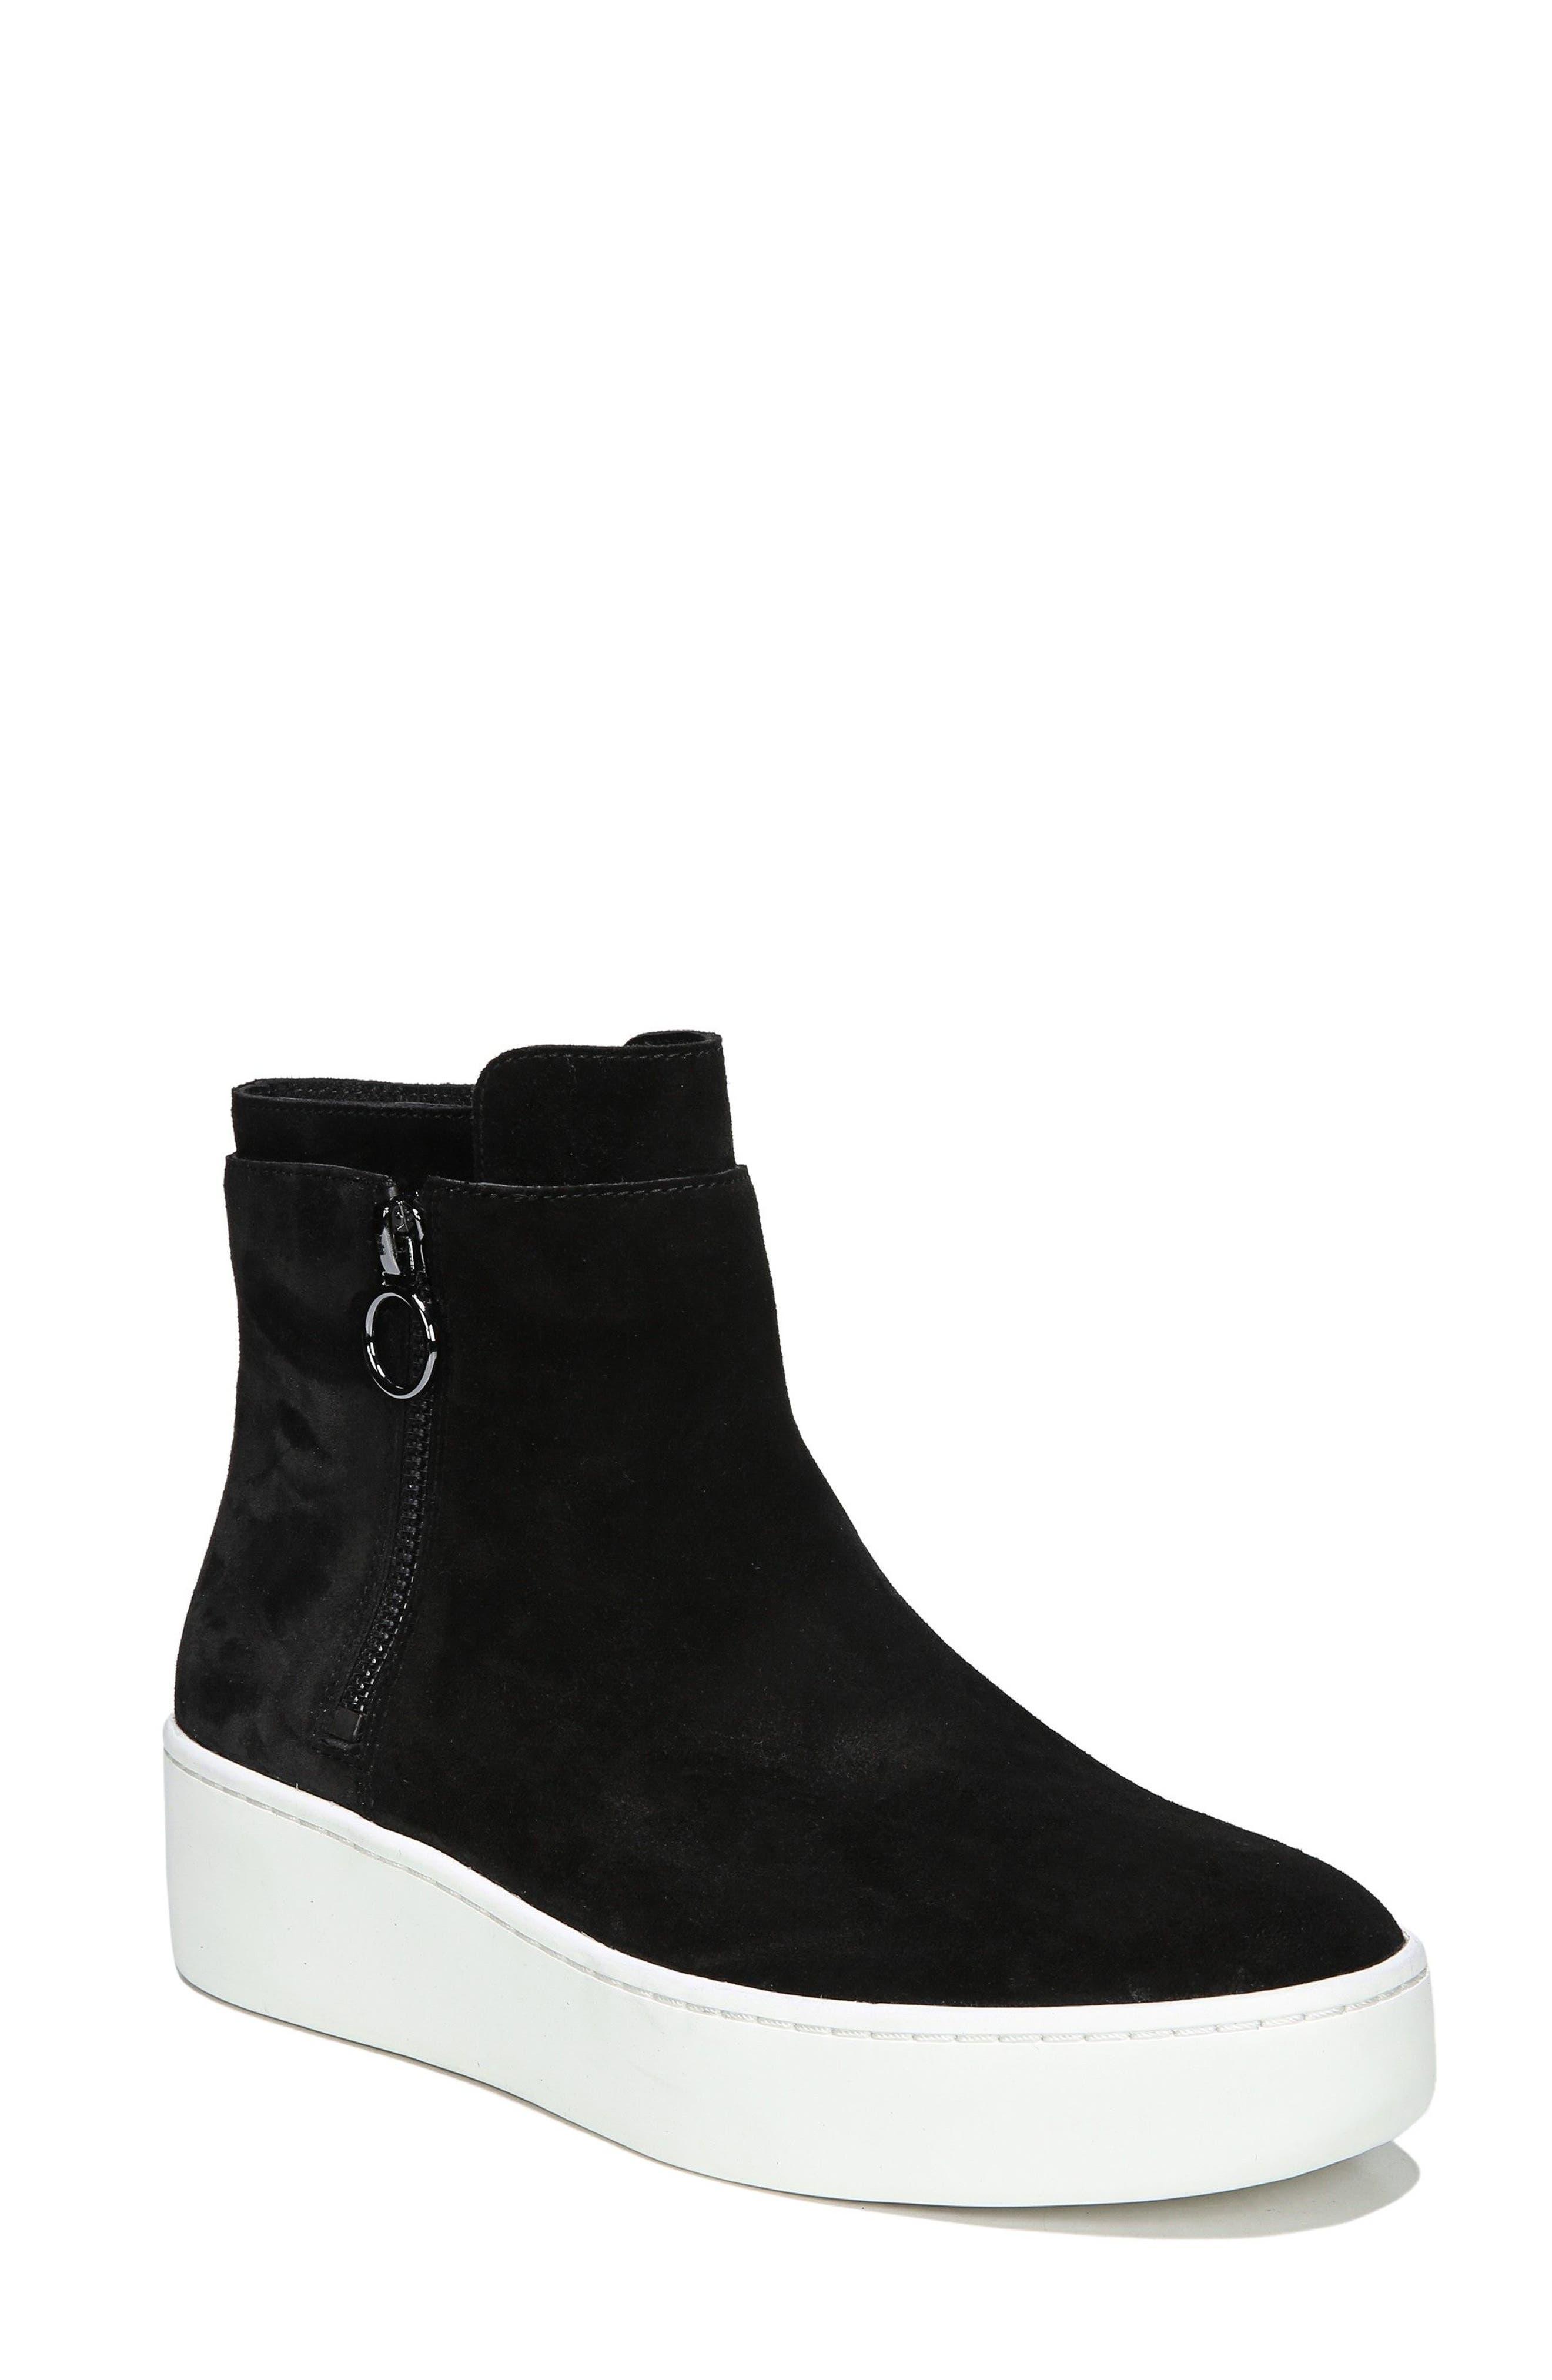 Easton High Top Sneaker,                         Main,                         color,